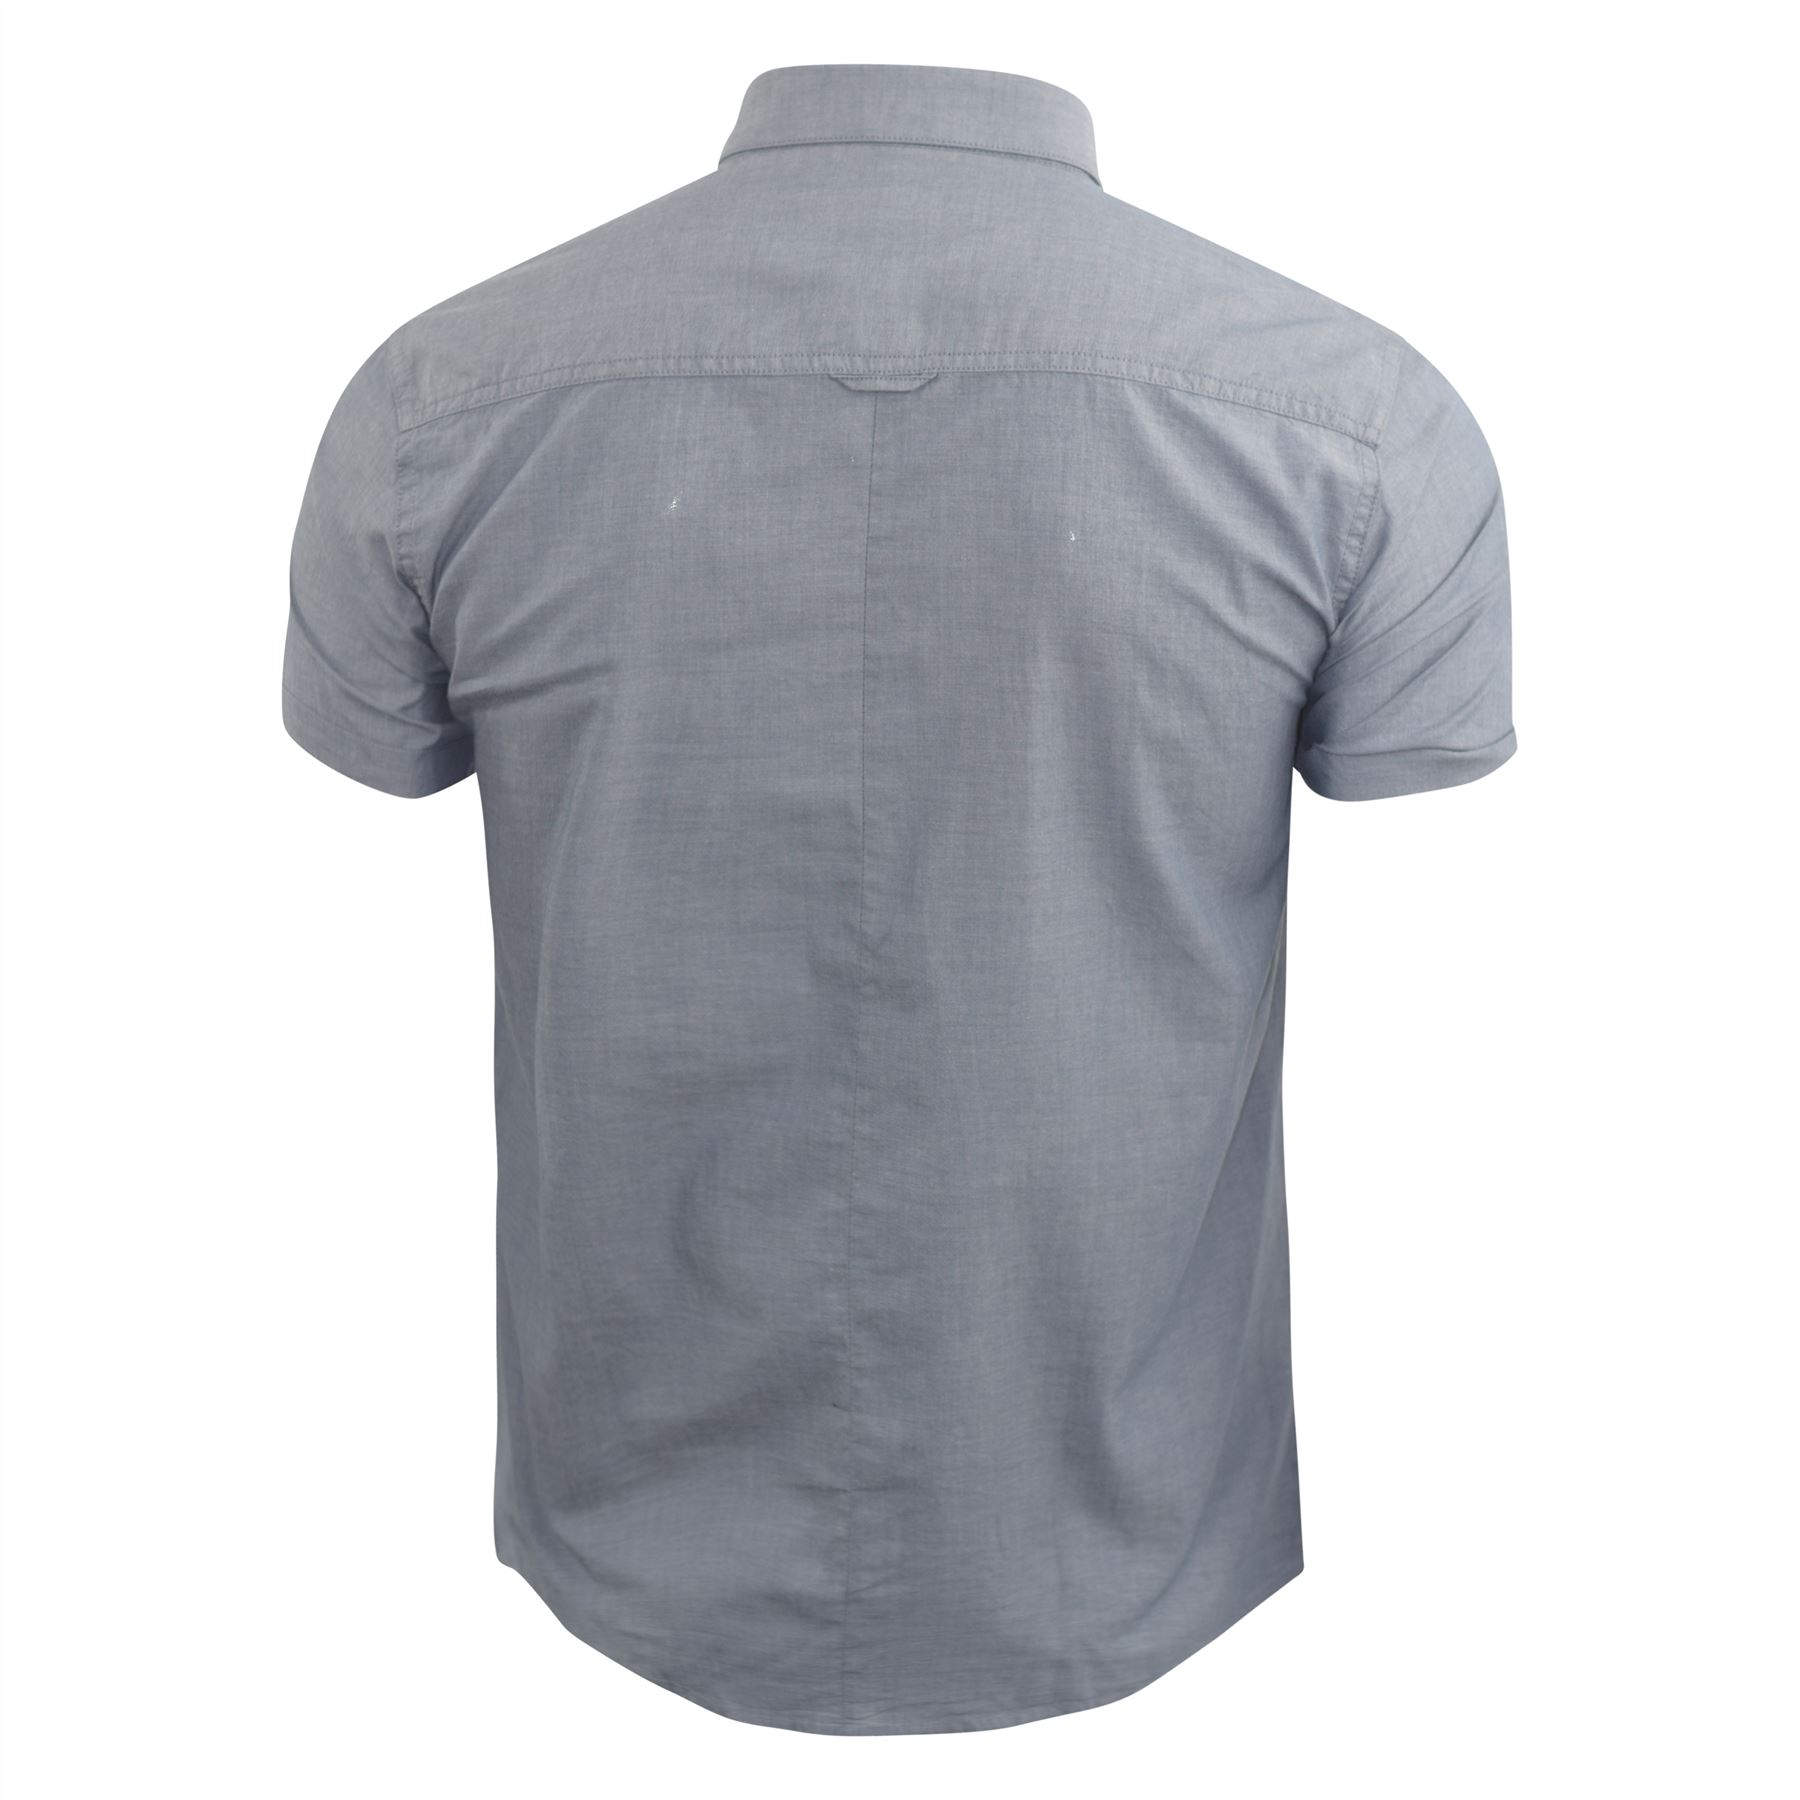 Mens-Plain-Shirt-Henthorn-Short-Sleeved-Cotton-Blend-Casual-Top thumbnail 7